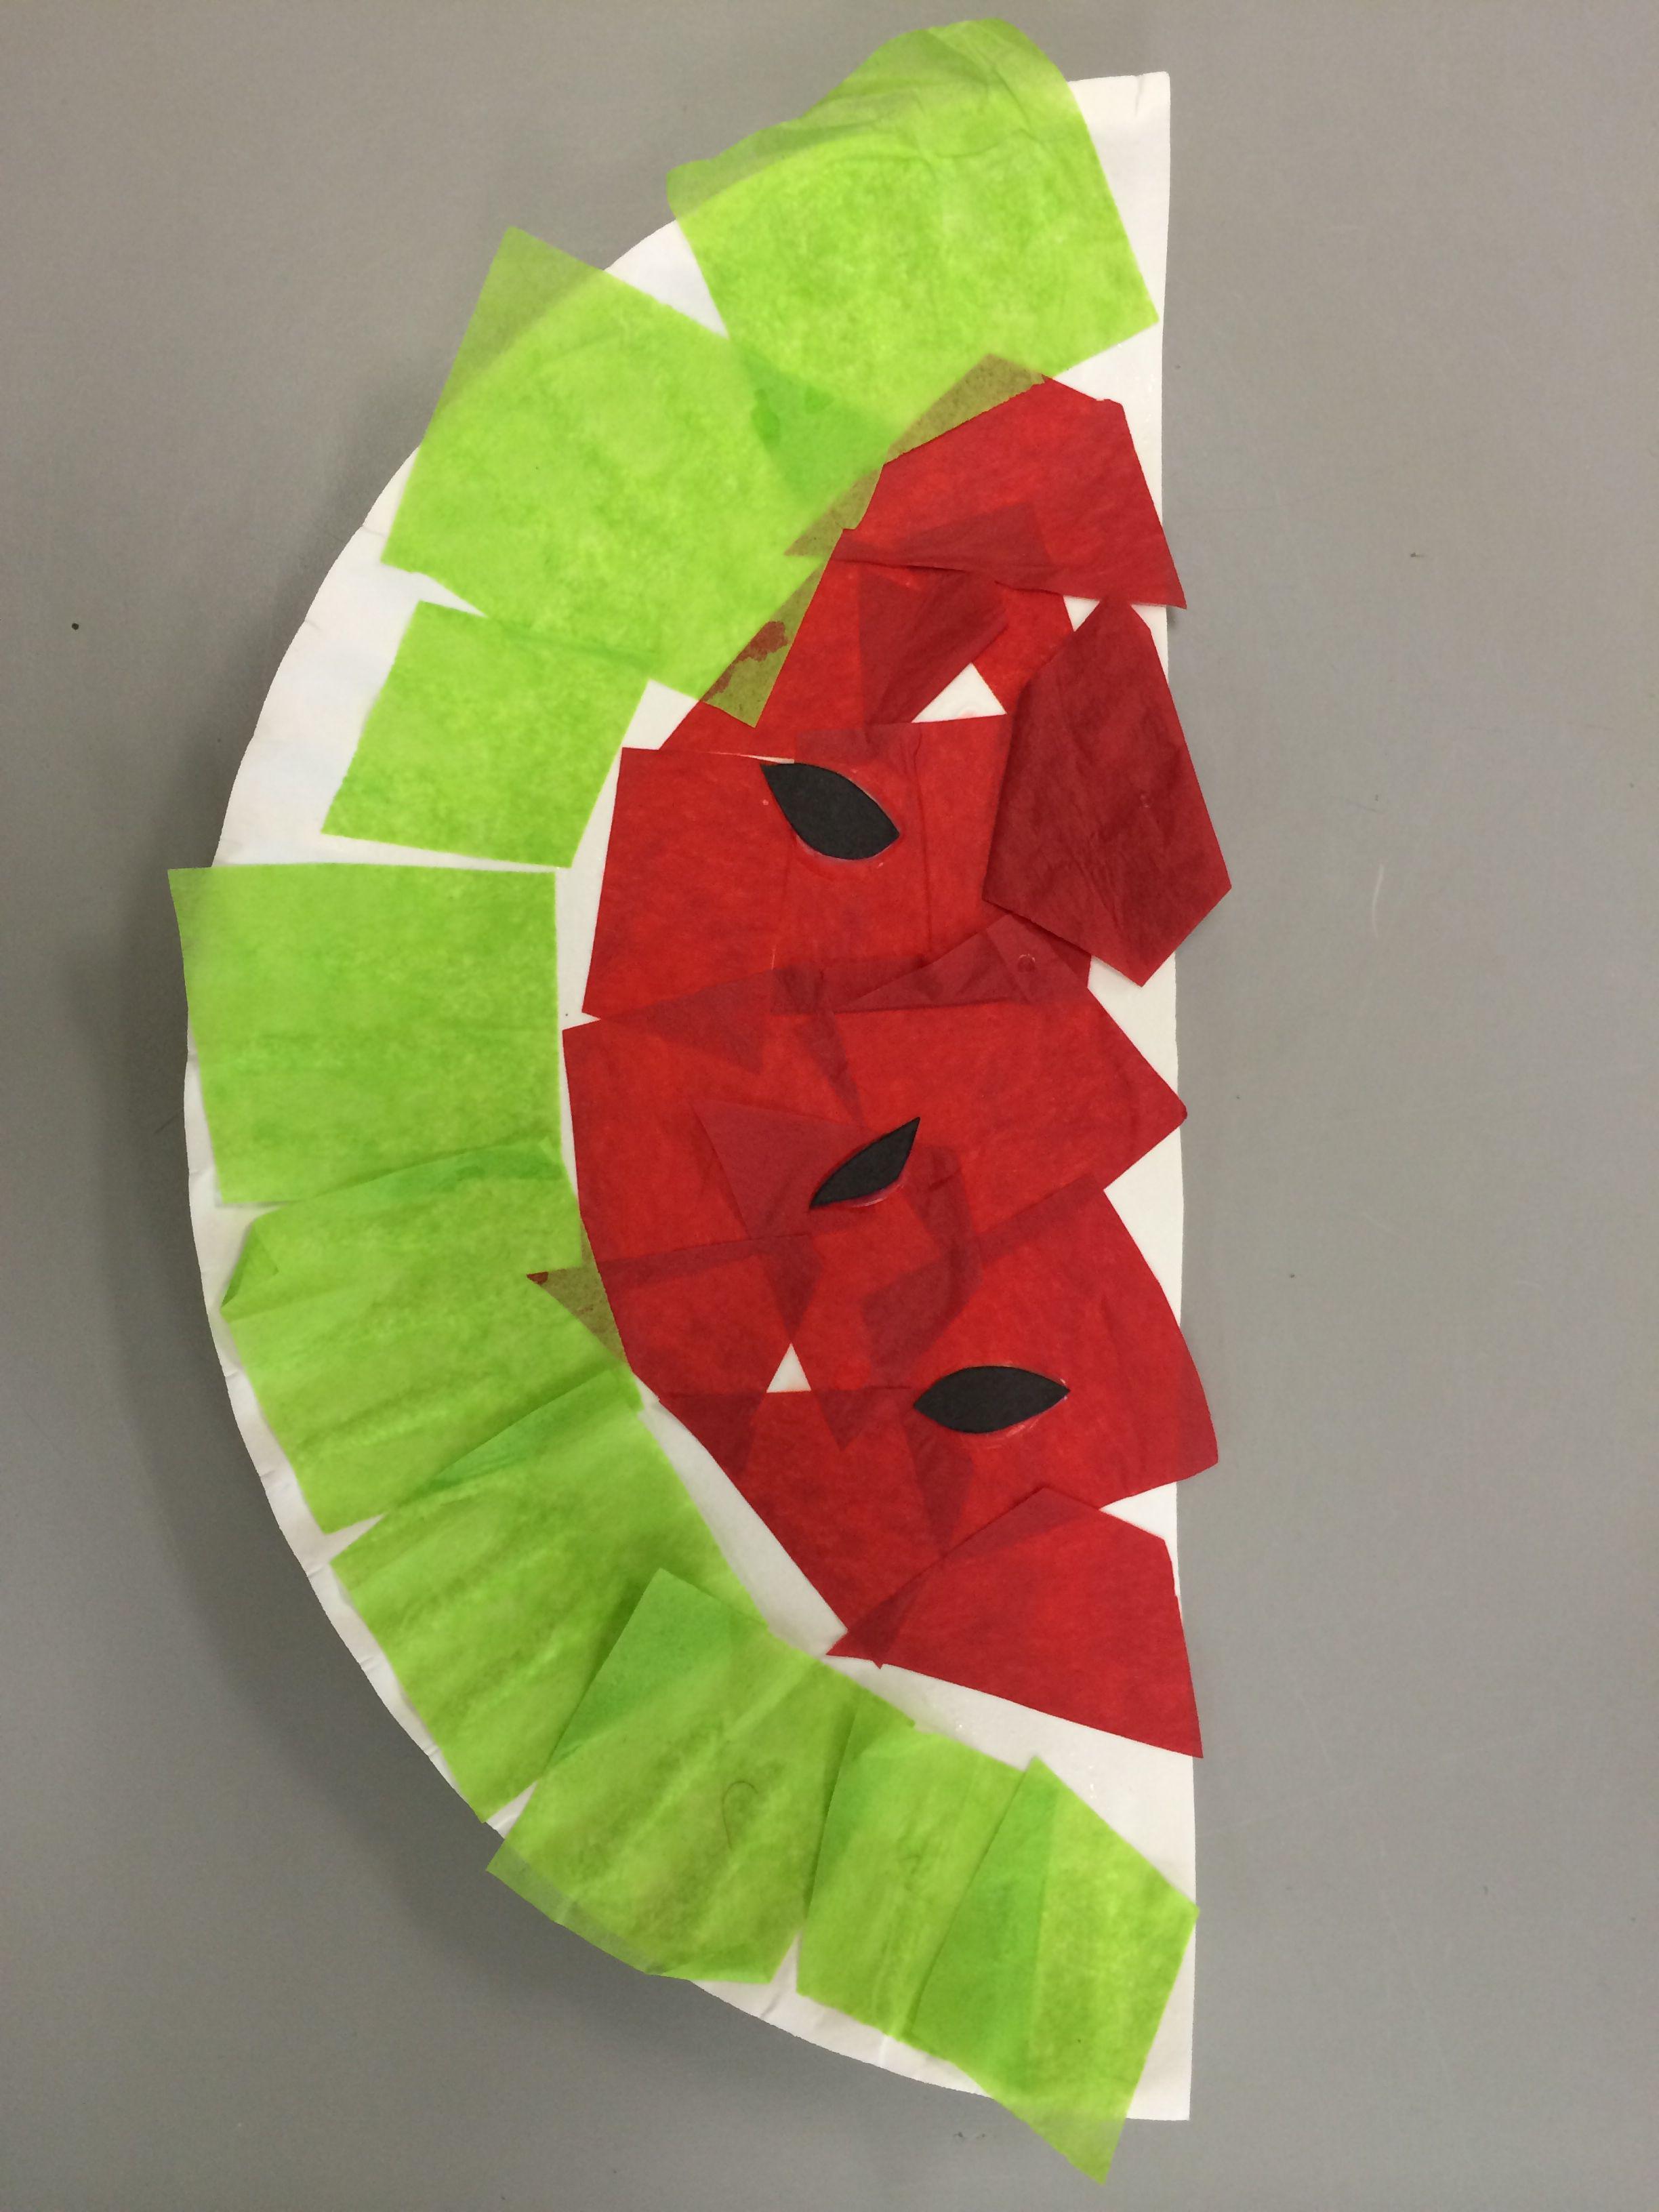 Watermelon Preschool Art Project August